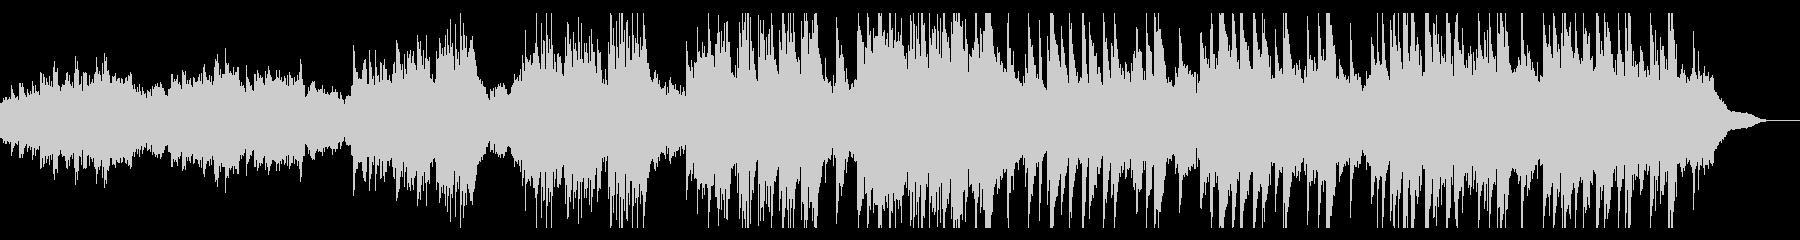 ピアノが重なり合う感動曲の未再生の波形